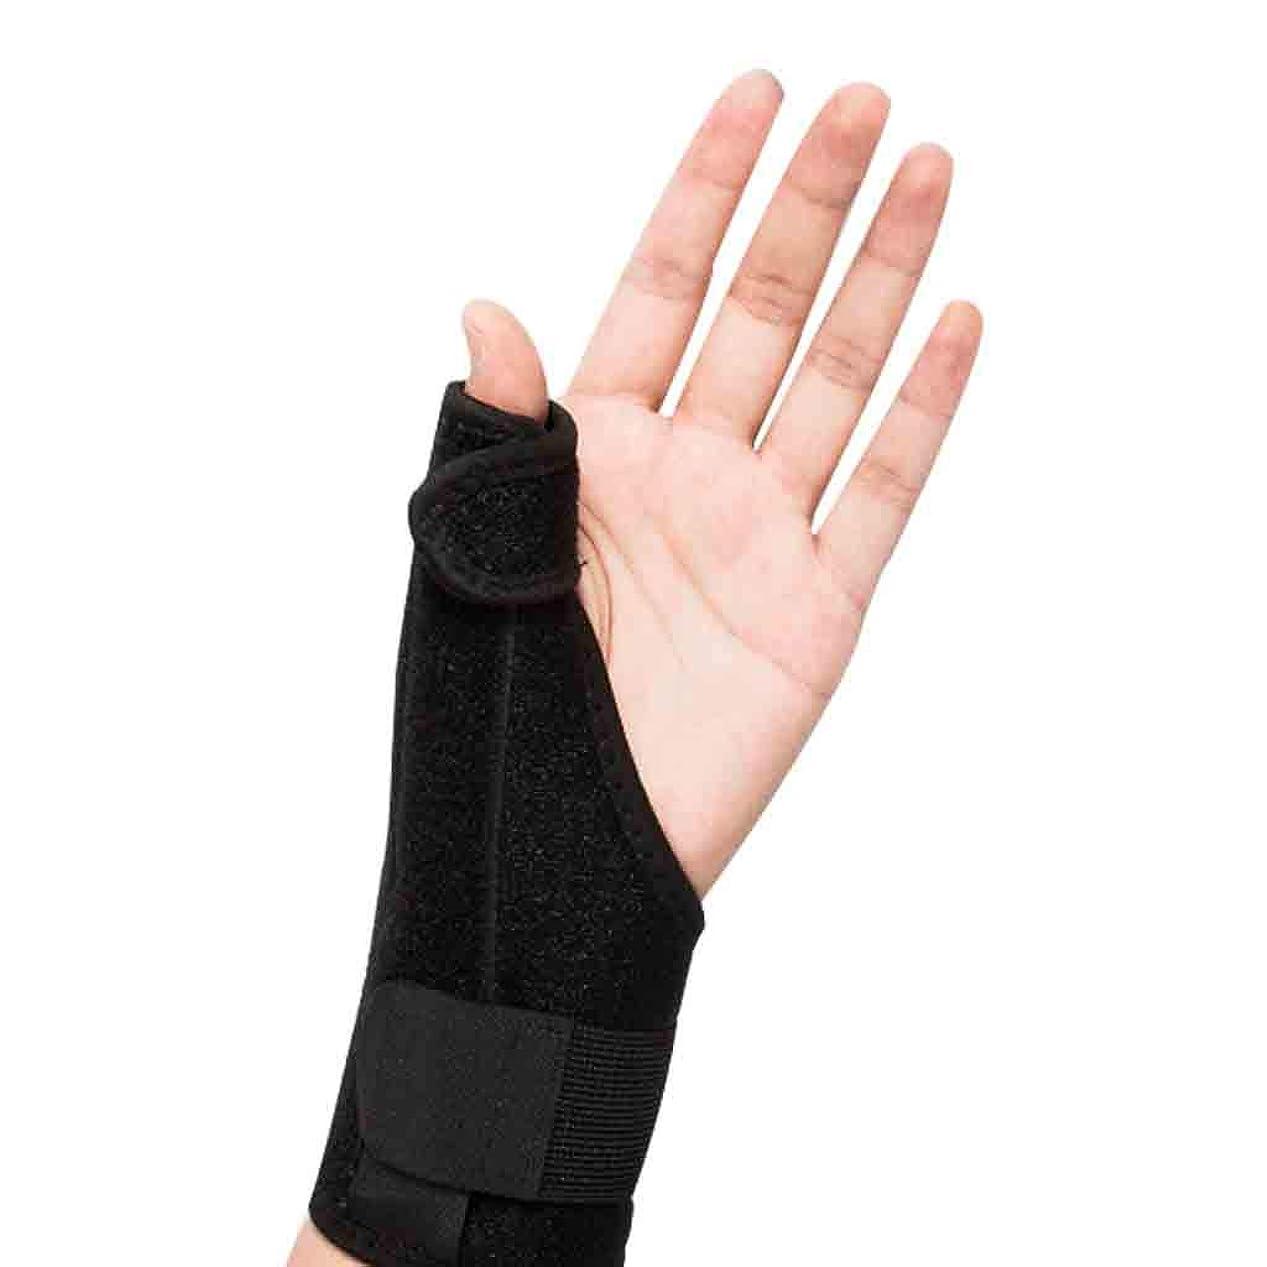 優雅な照らす無限大ThumbスプリントトリガーThumb腱鞘炎Wristband関節炎トリートメントThumb捻挫の関節を固定&安定化するブレース Roscloud@